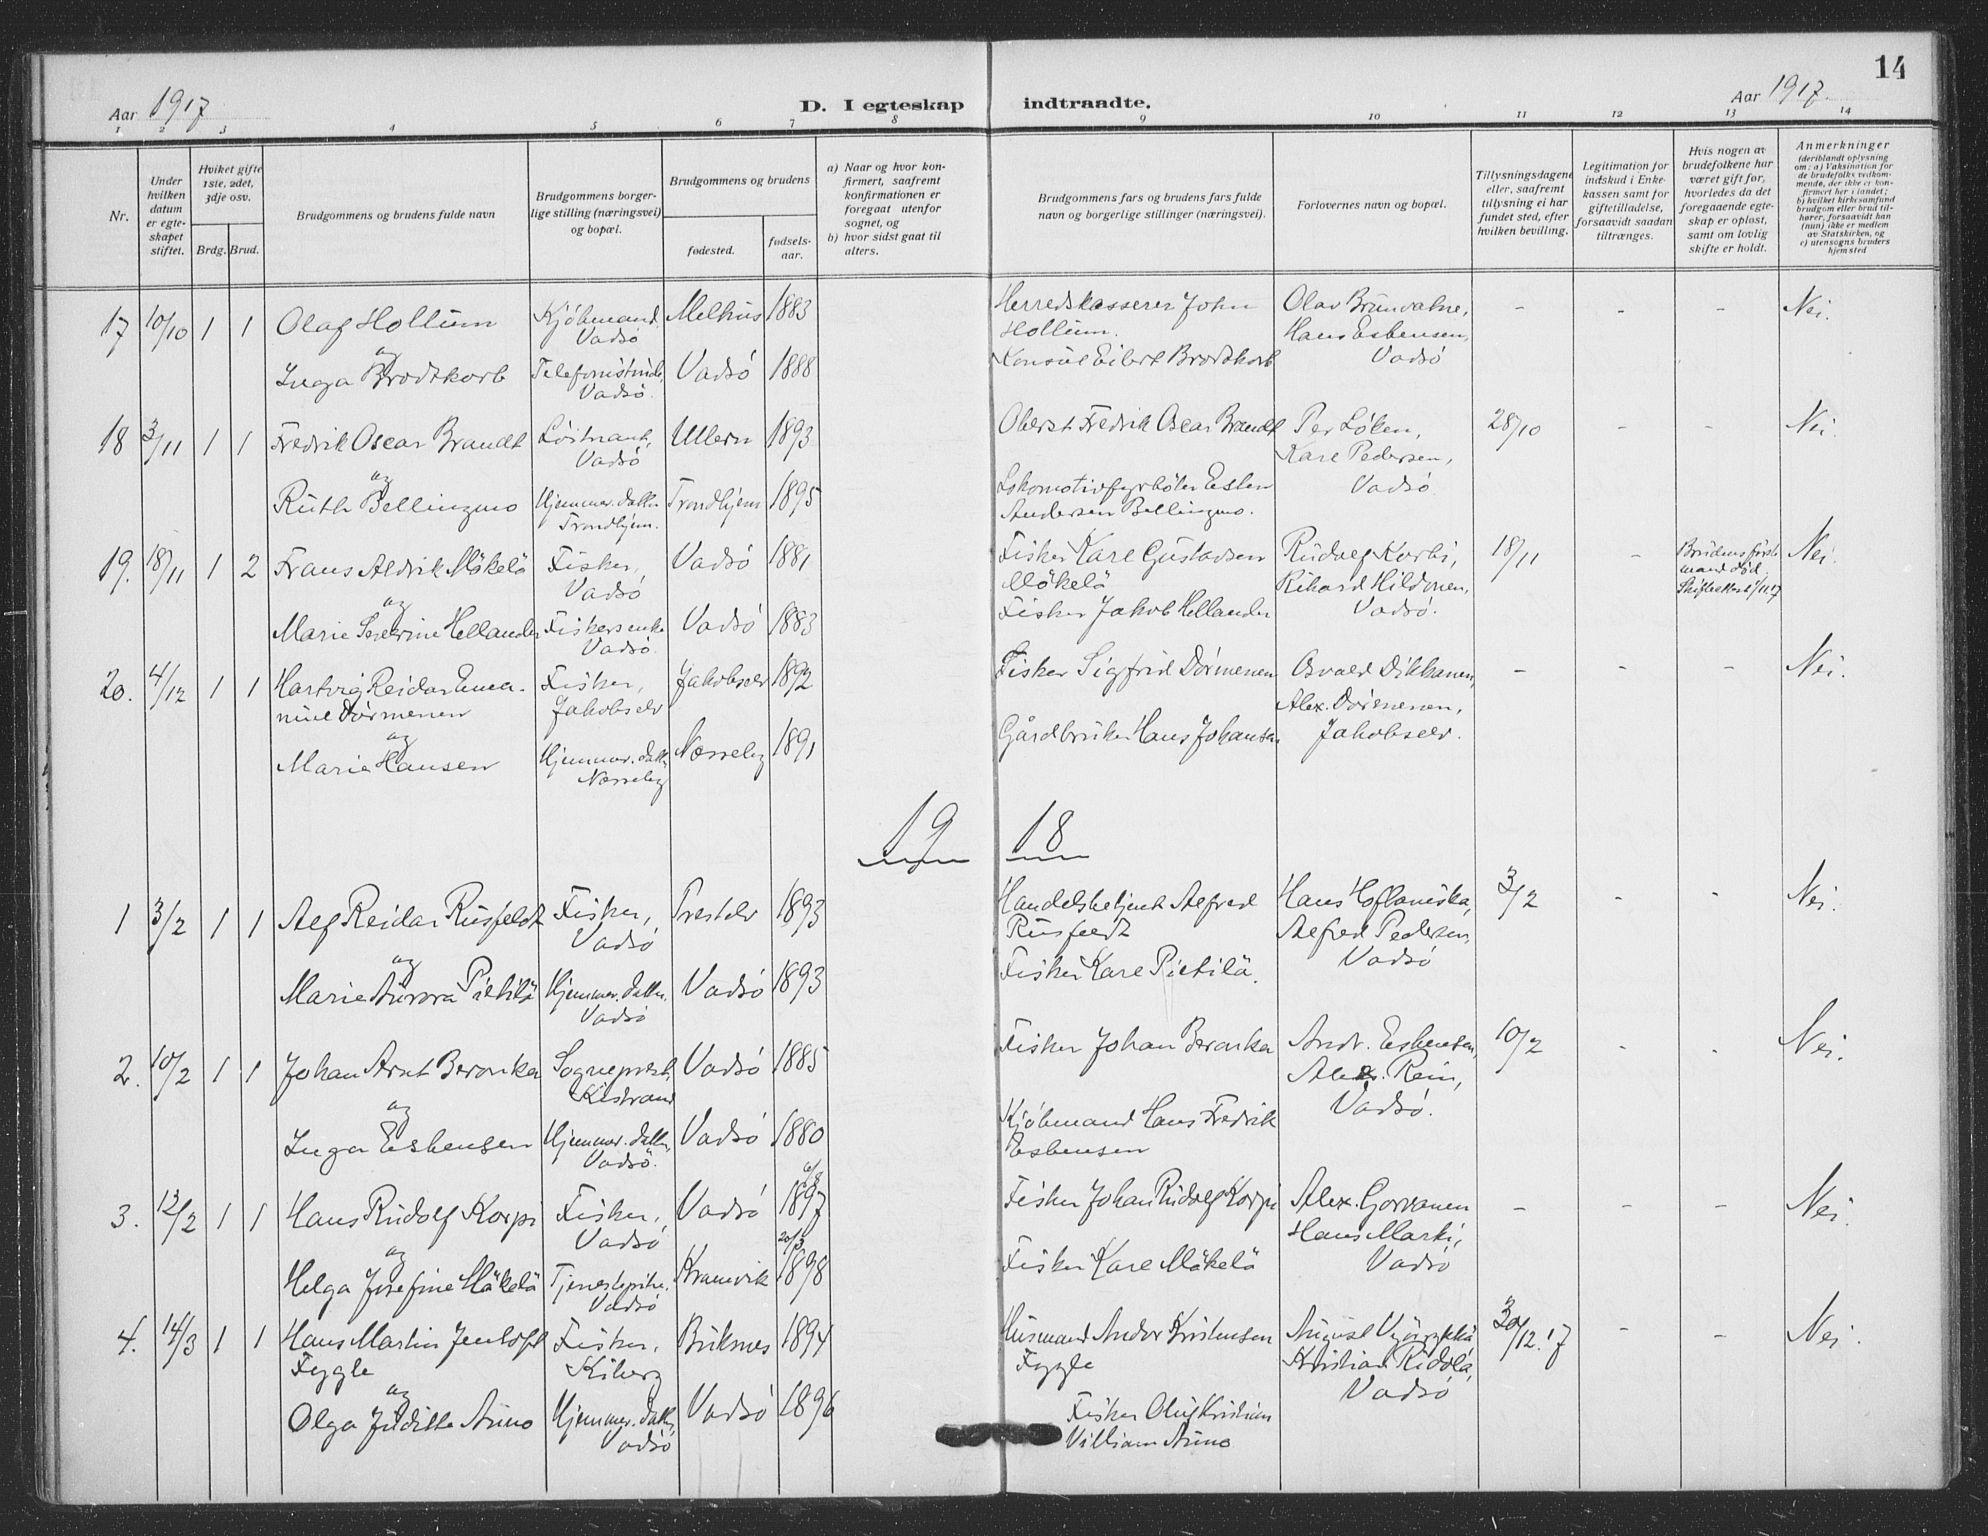 SATØ, Vadsø sokneprestkontor, H/Ha/L0008kirke: Ministerialbok nr. 8, 1912-1930, s. 14